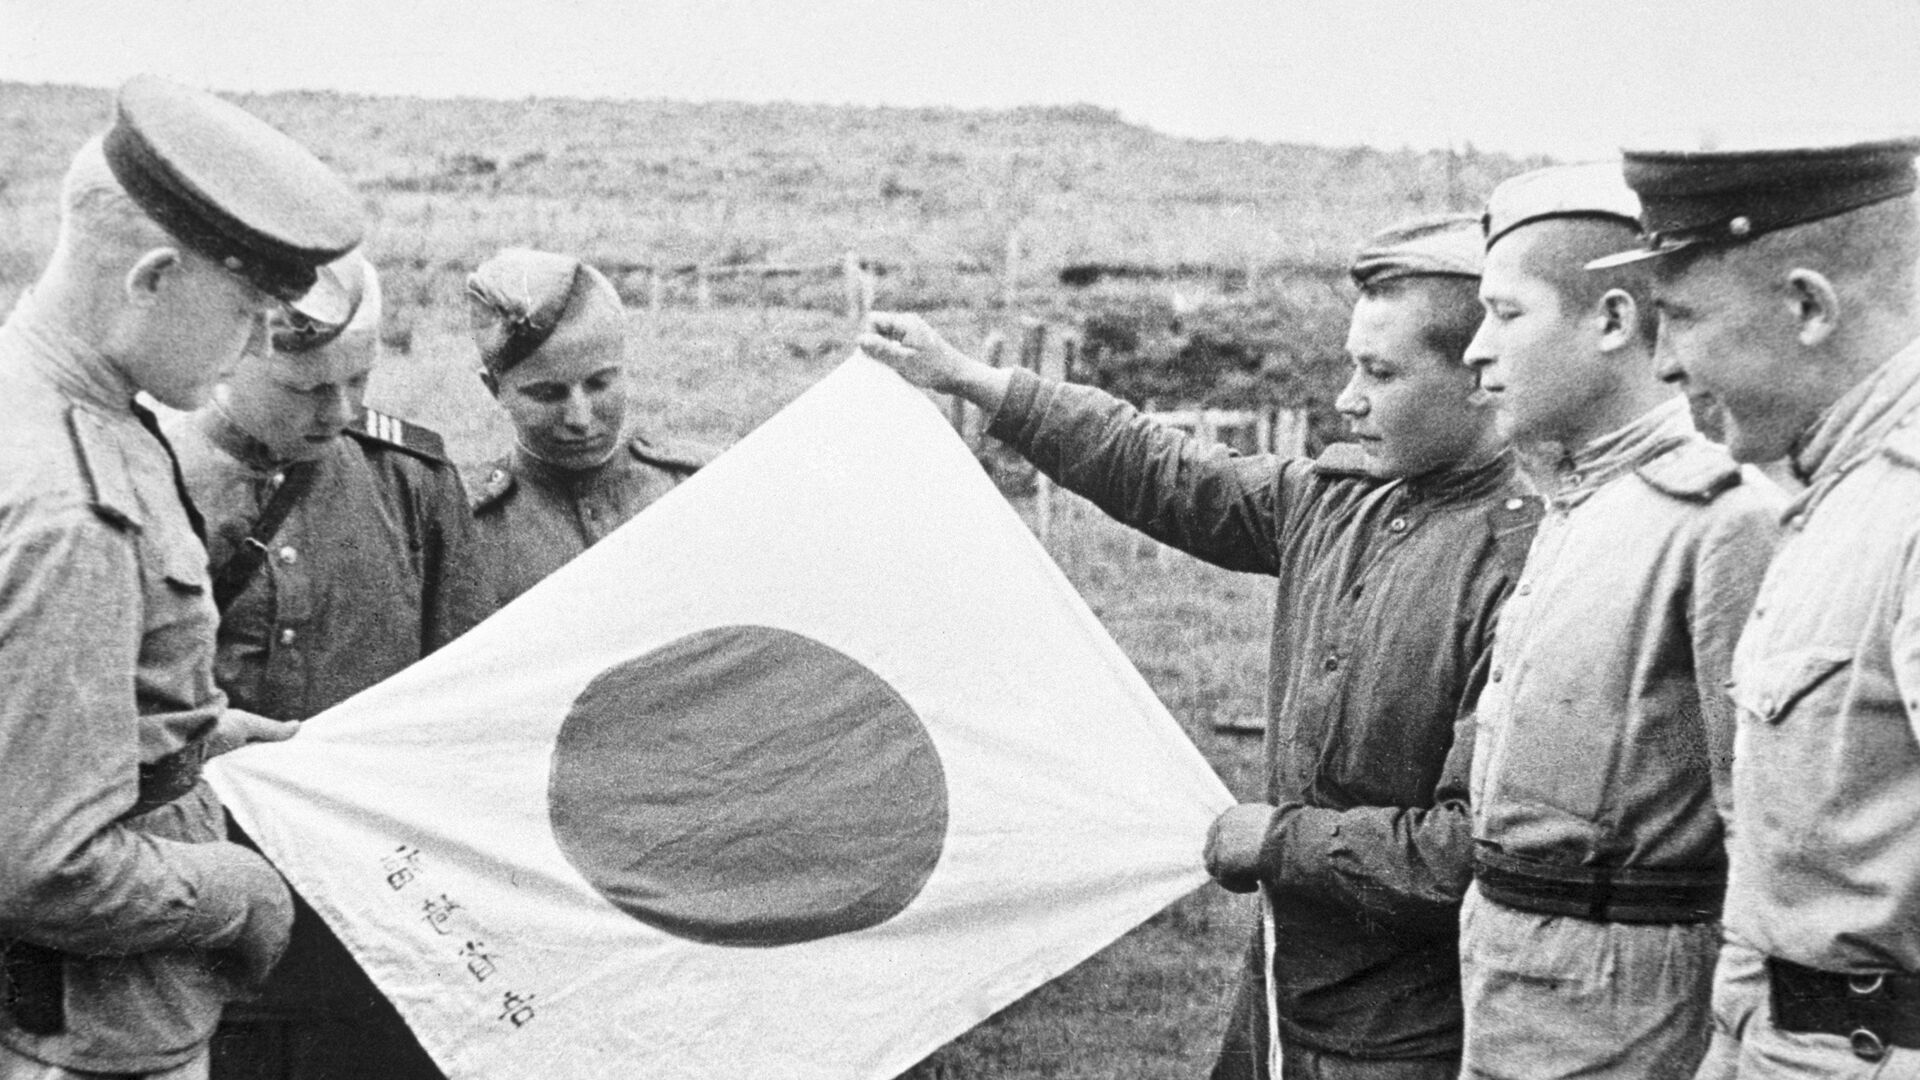 Советские воины рассматривают брошенный при отступлении японский флаг - РИА Новости, 1920, 02.09.2021